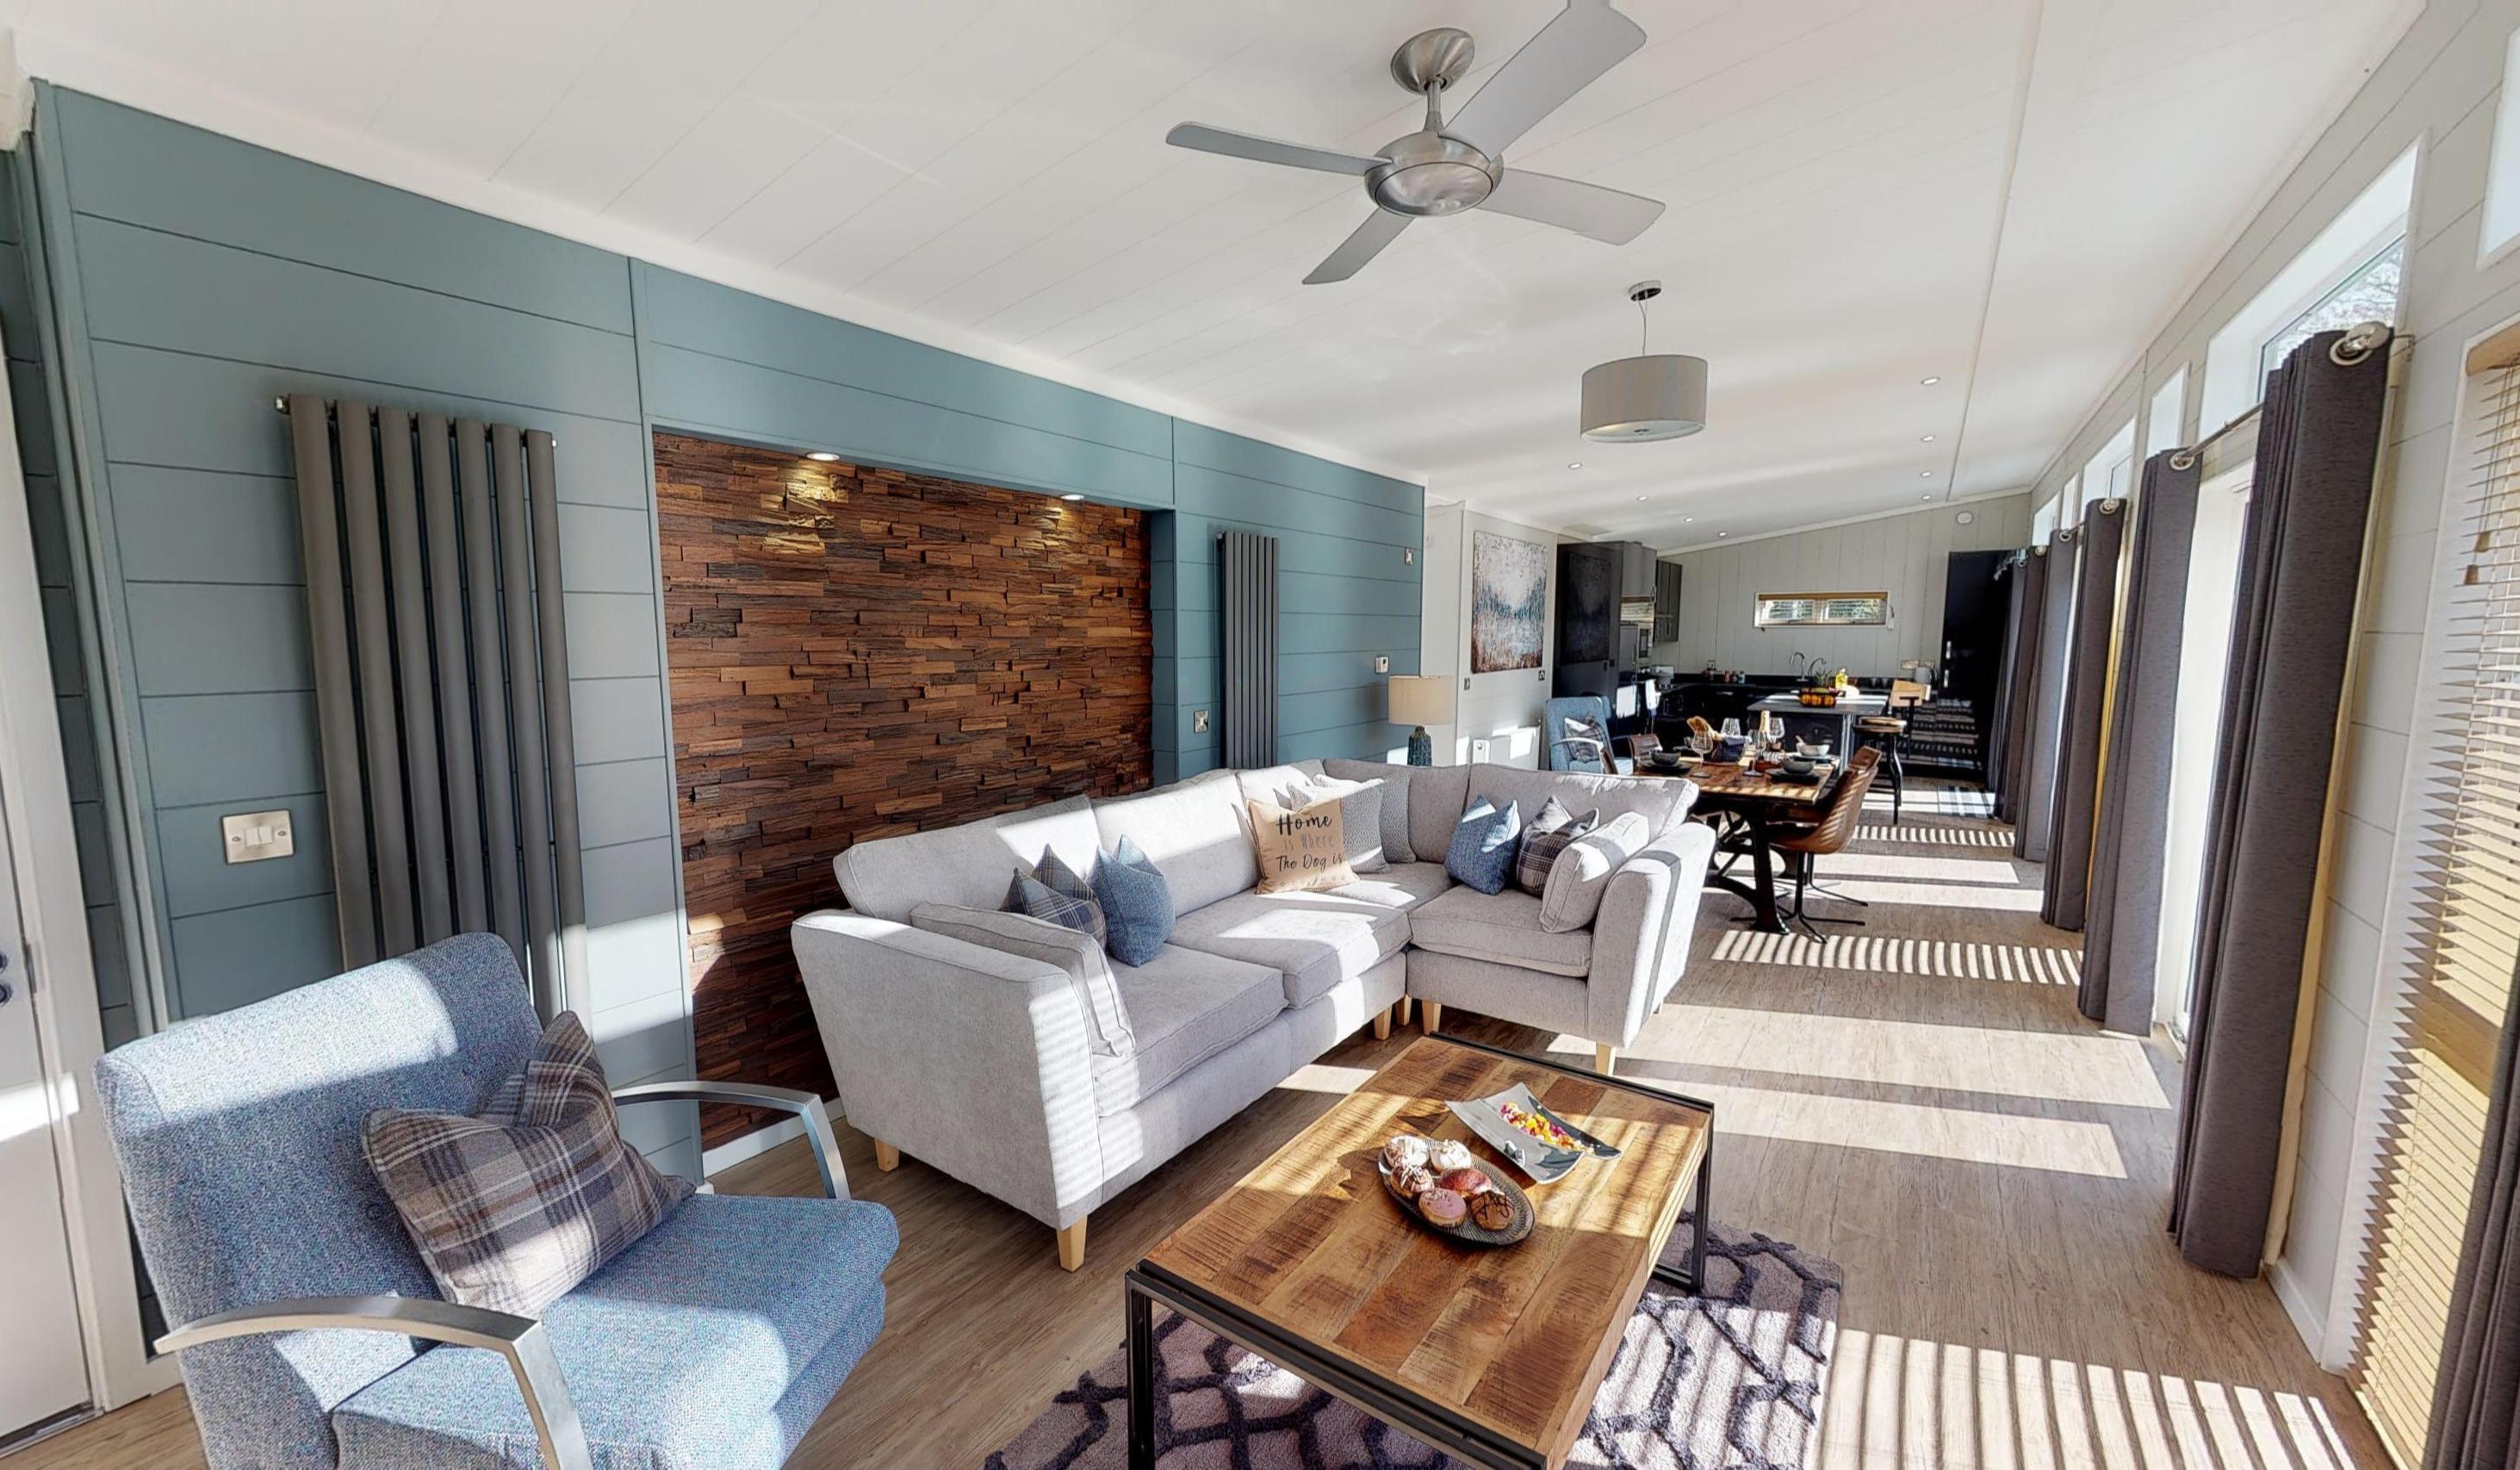 Tingdene-Havana-Centre-Lounge-at-Ogwen-Bank-10252019_091427